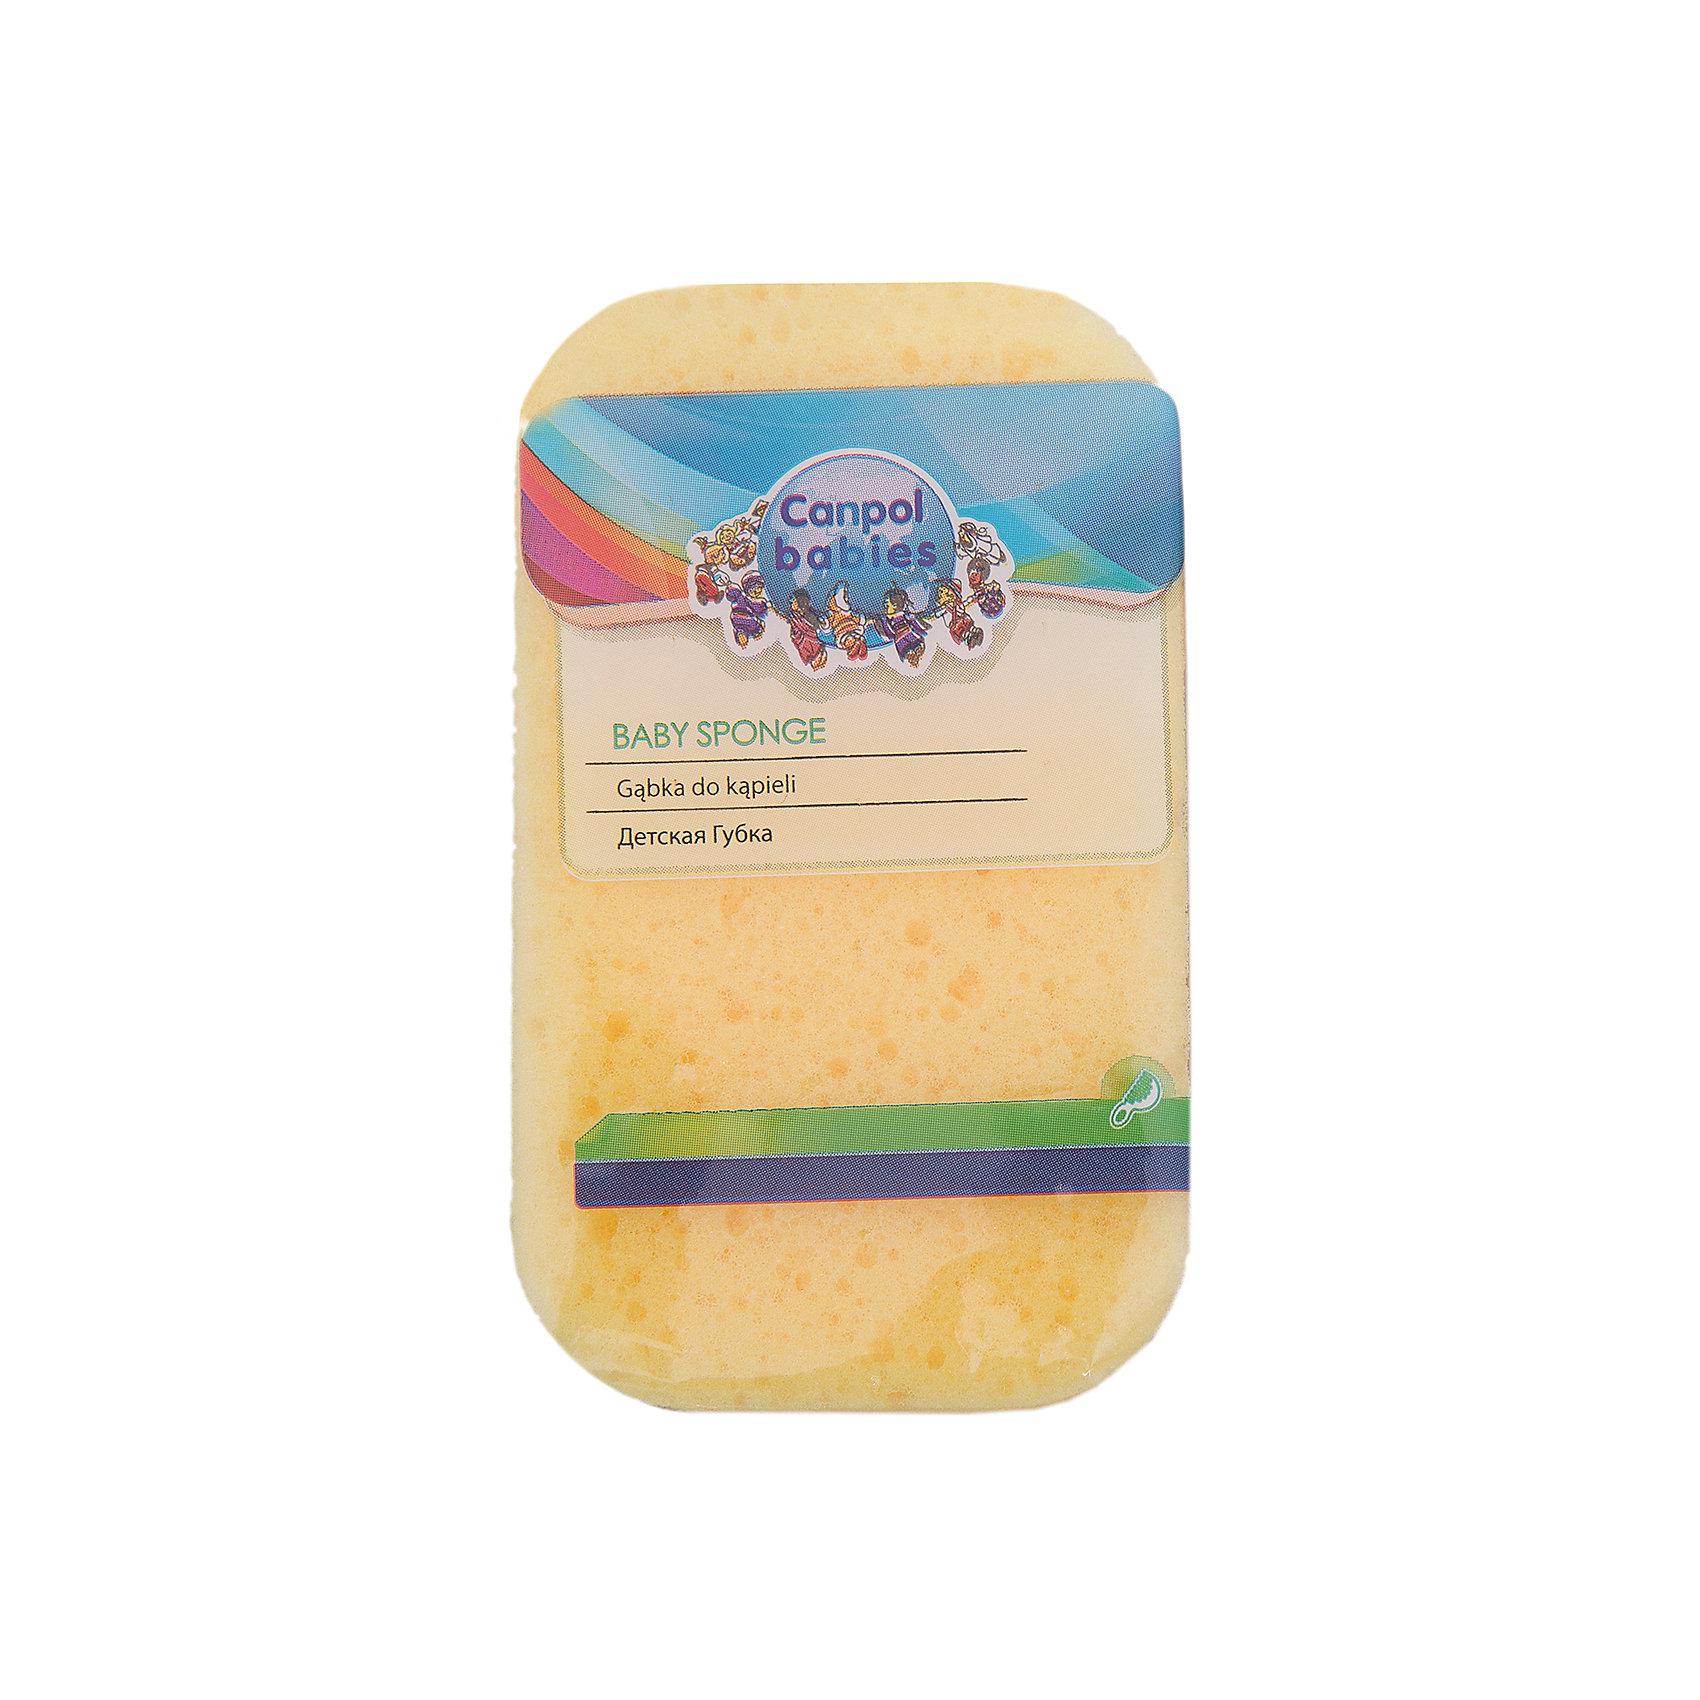 Губка Коралл, Canpol Babies, желтыйГубка Коралл, Canpol Babies (Канпол Бейбис), желтый.<br><br>Характеристики:<br>• Материал: натуральная органическая губка.<br>• Цвет: желтый.<br>• Размер: 15х10 см.<br><br>Губка для купания Canpol Babies Коралл желтая специально предназначена для деликатного купания маленького ребенка. Изготовлена из экологической губки, которая идеально подходит для мытья нежной кожи ребенка. Губка мягко и нежно помоет Вашего ребенка. Изготовлена из качественного сырья, не вызывает аллергии. Подходит для использования у малышей с рождения.<br><br>Губку Коралл, Canpol Babies (Канпол Бейбис), желтую можно купить в нашем интернет – магазине.<br><br>Ширина мм: 155<br>Глубина мм: 80<br>Высота мм: 40<br>Вес г: 80<br>Возраст от месяцев: 0<br>Возраст до месяцев: 36<br>Пол: Унисекс<br>Возраст: Детский<br>SKU: 5156818